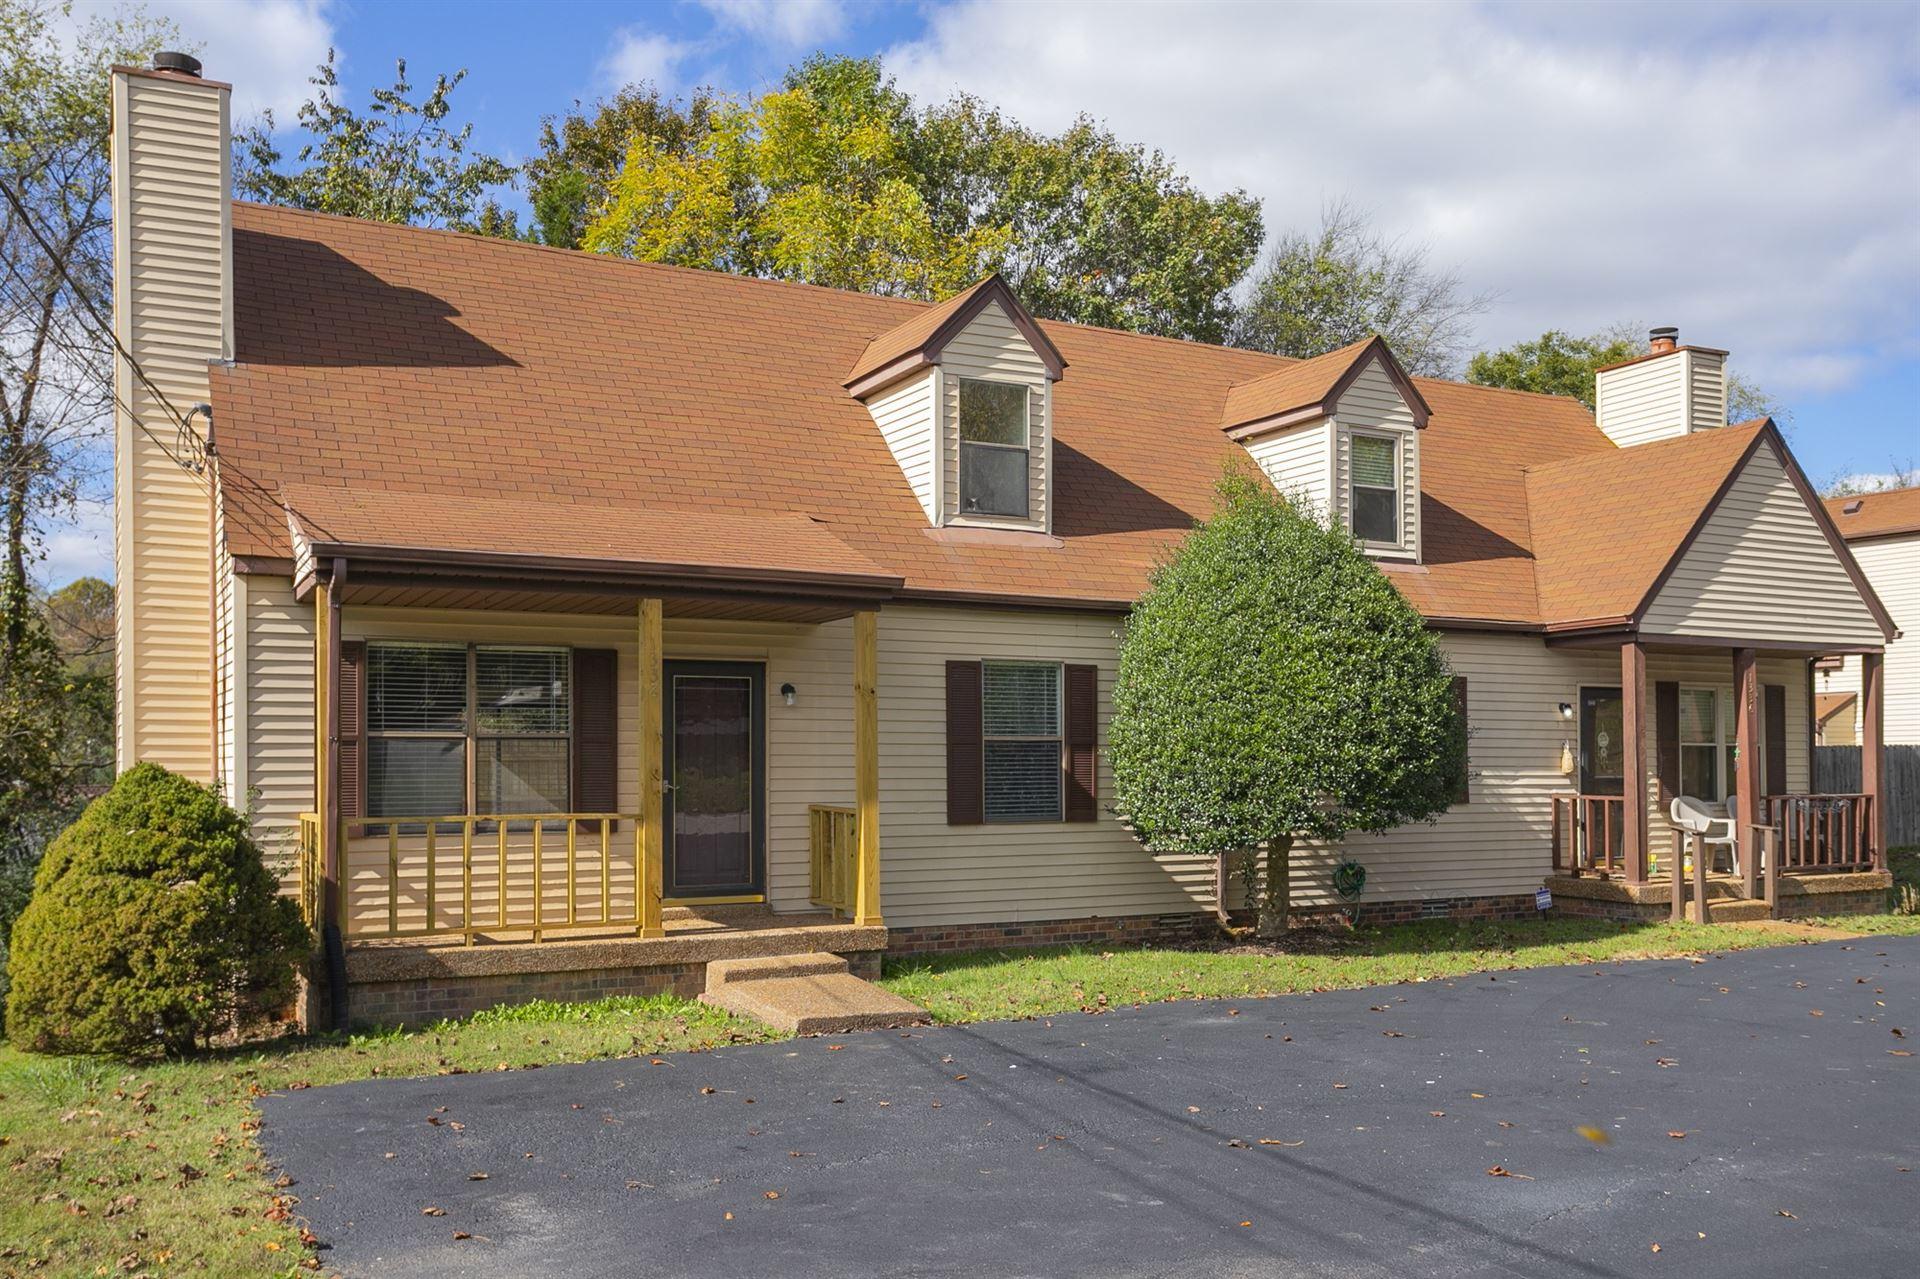 1338 Quail Valley Rd, Nashville, TN 37214 - MLS#: 2231557